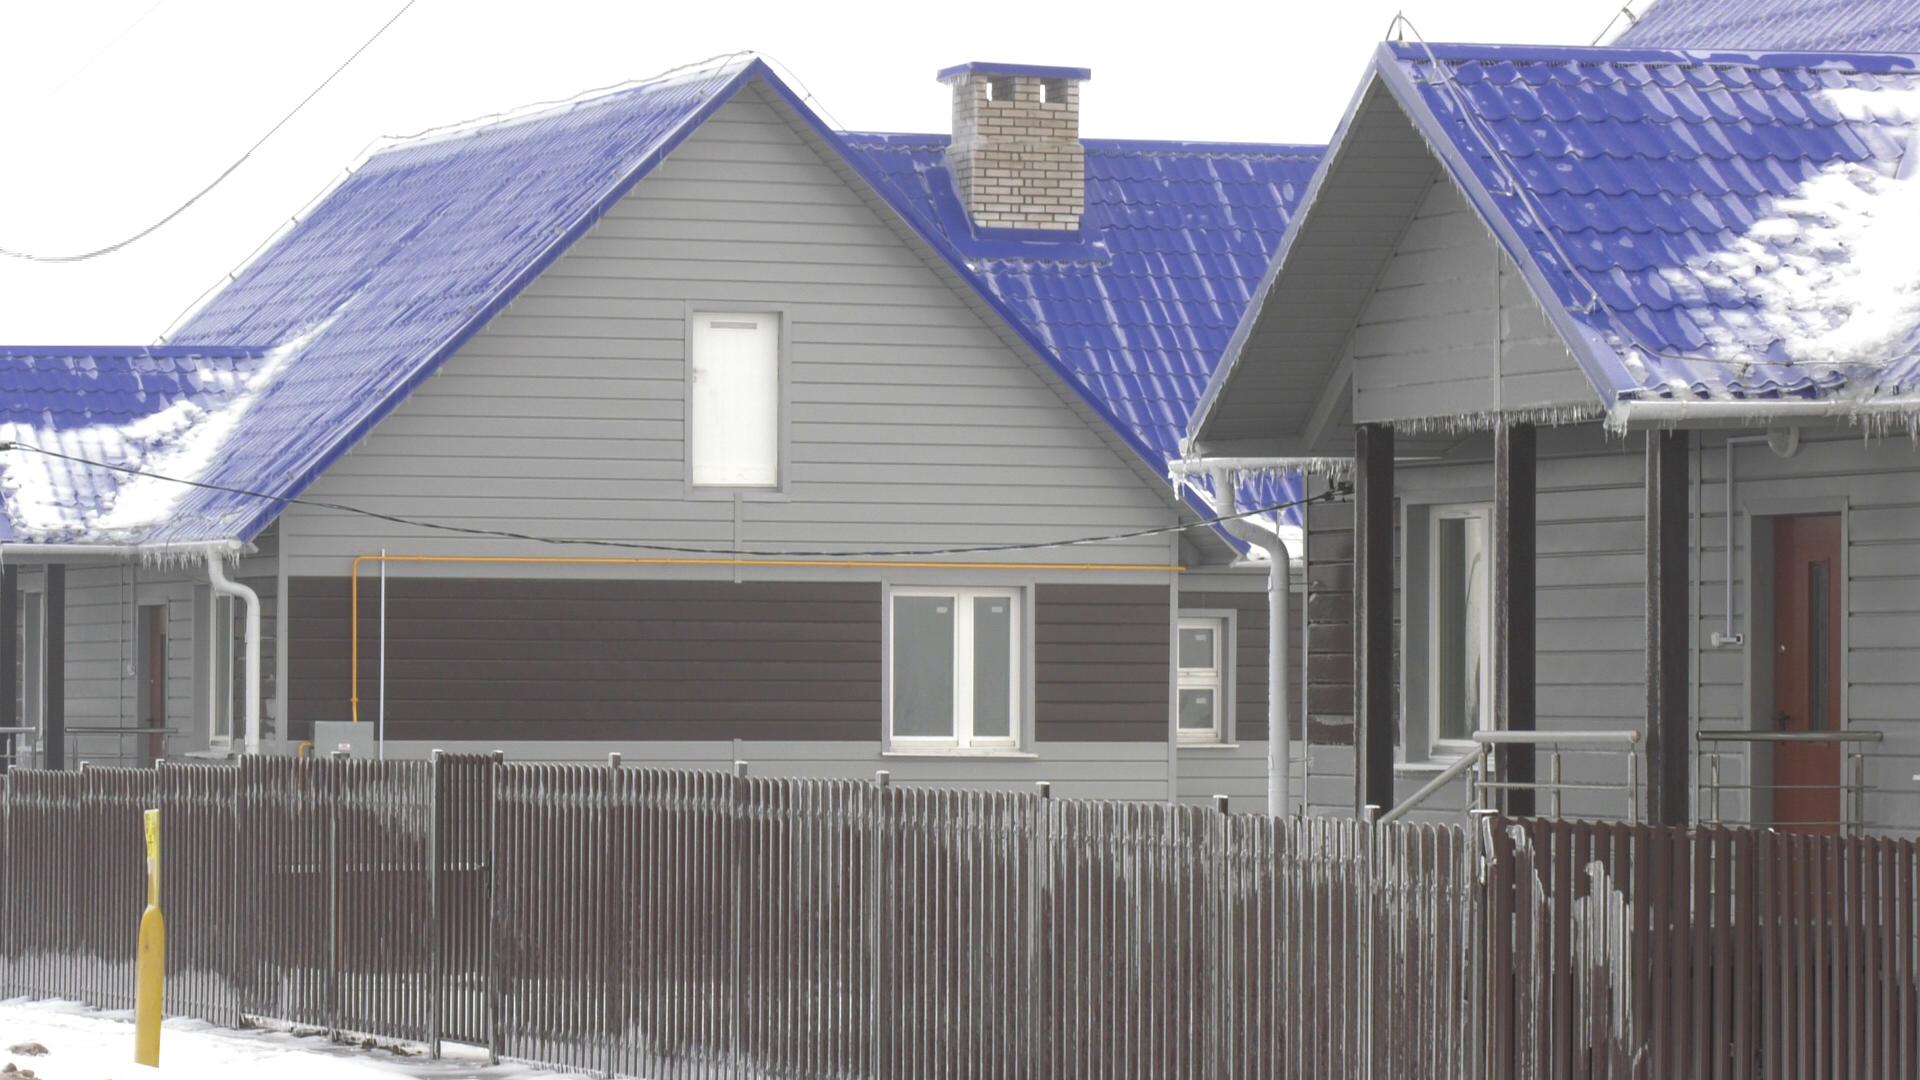 novoe zhiljo - В Оршанском районе ввели в эксплуатацию 10 жилых домов и спорткомплекс (видео)